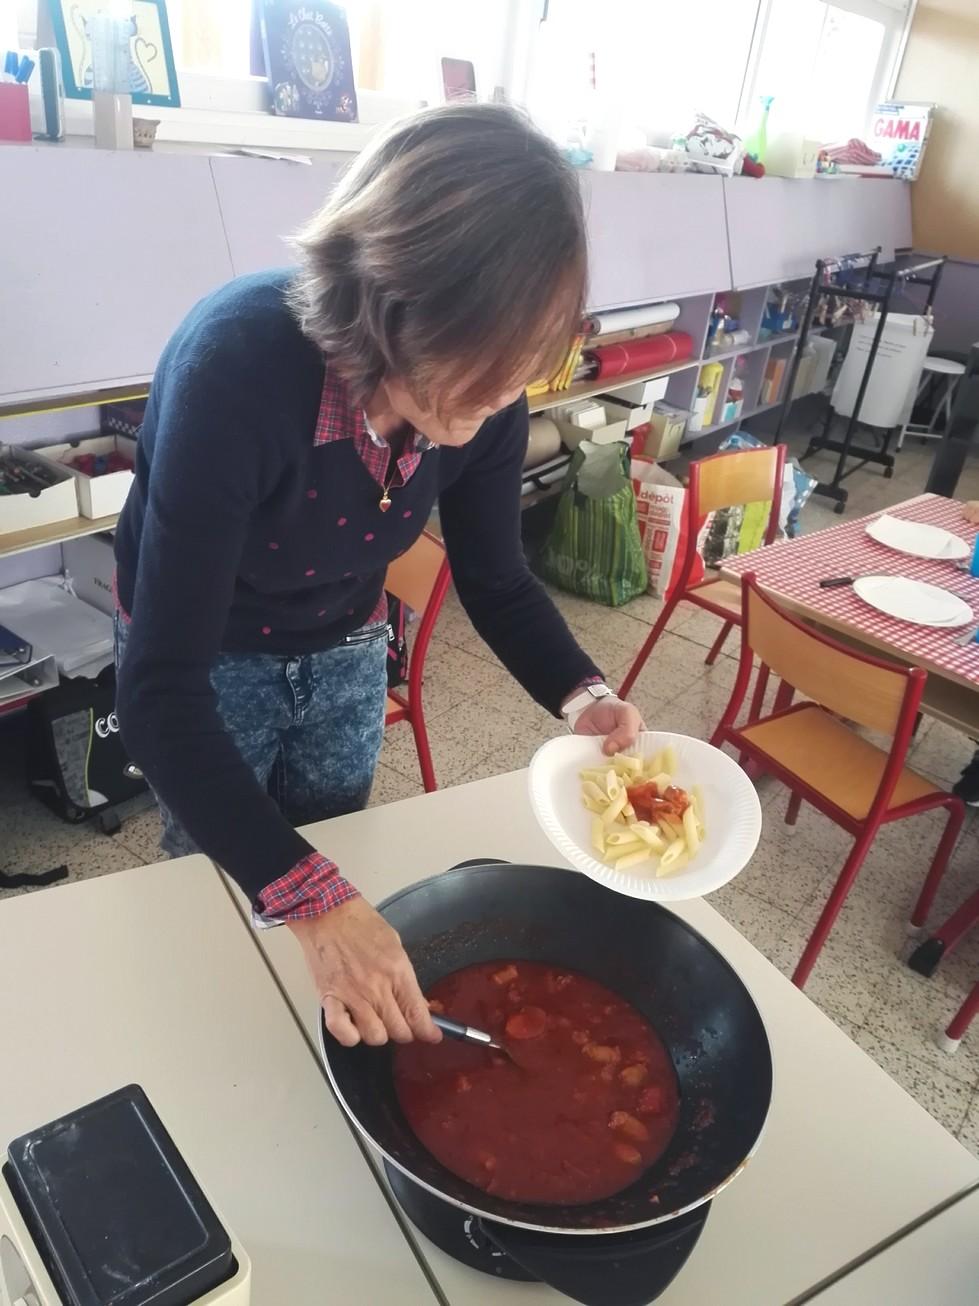 Les apc cuisine au cp ecole thorez wavrechain denain for Ecole cuisine lille